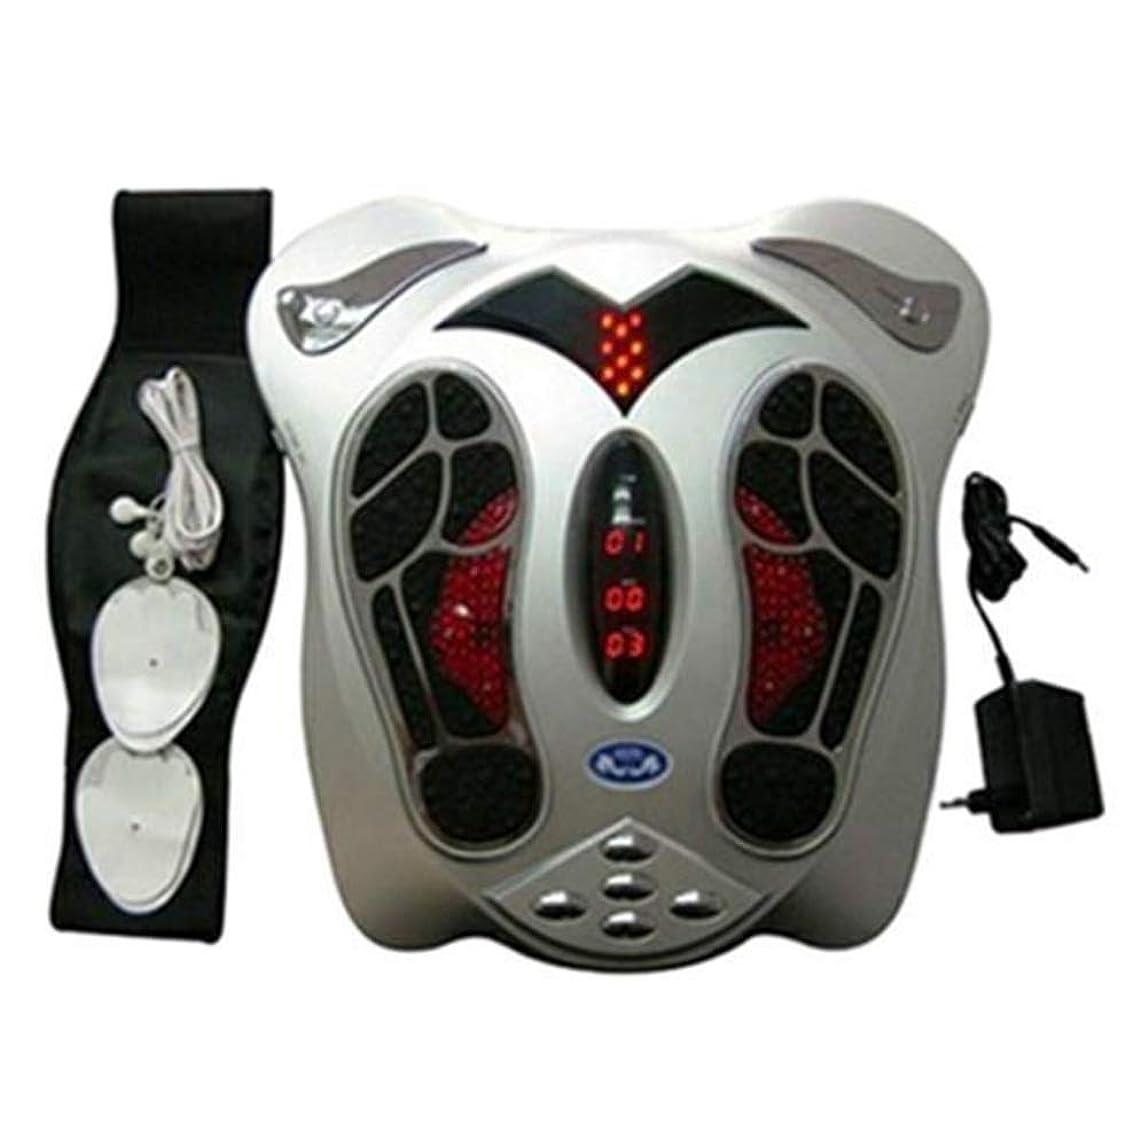 会話型肘チャーター電気の フットマッサージャー健康理学療法は血液循環を改善し、痛みや痛みを和らげるのに役立ちます 人間工学的デザイン, Silver